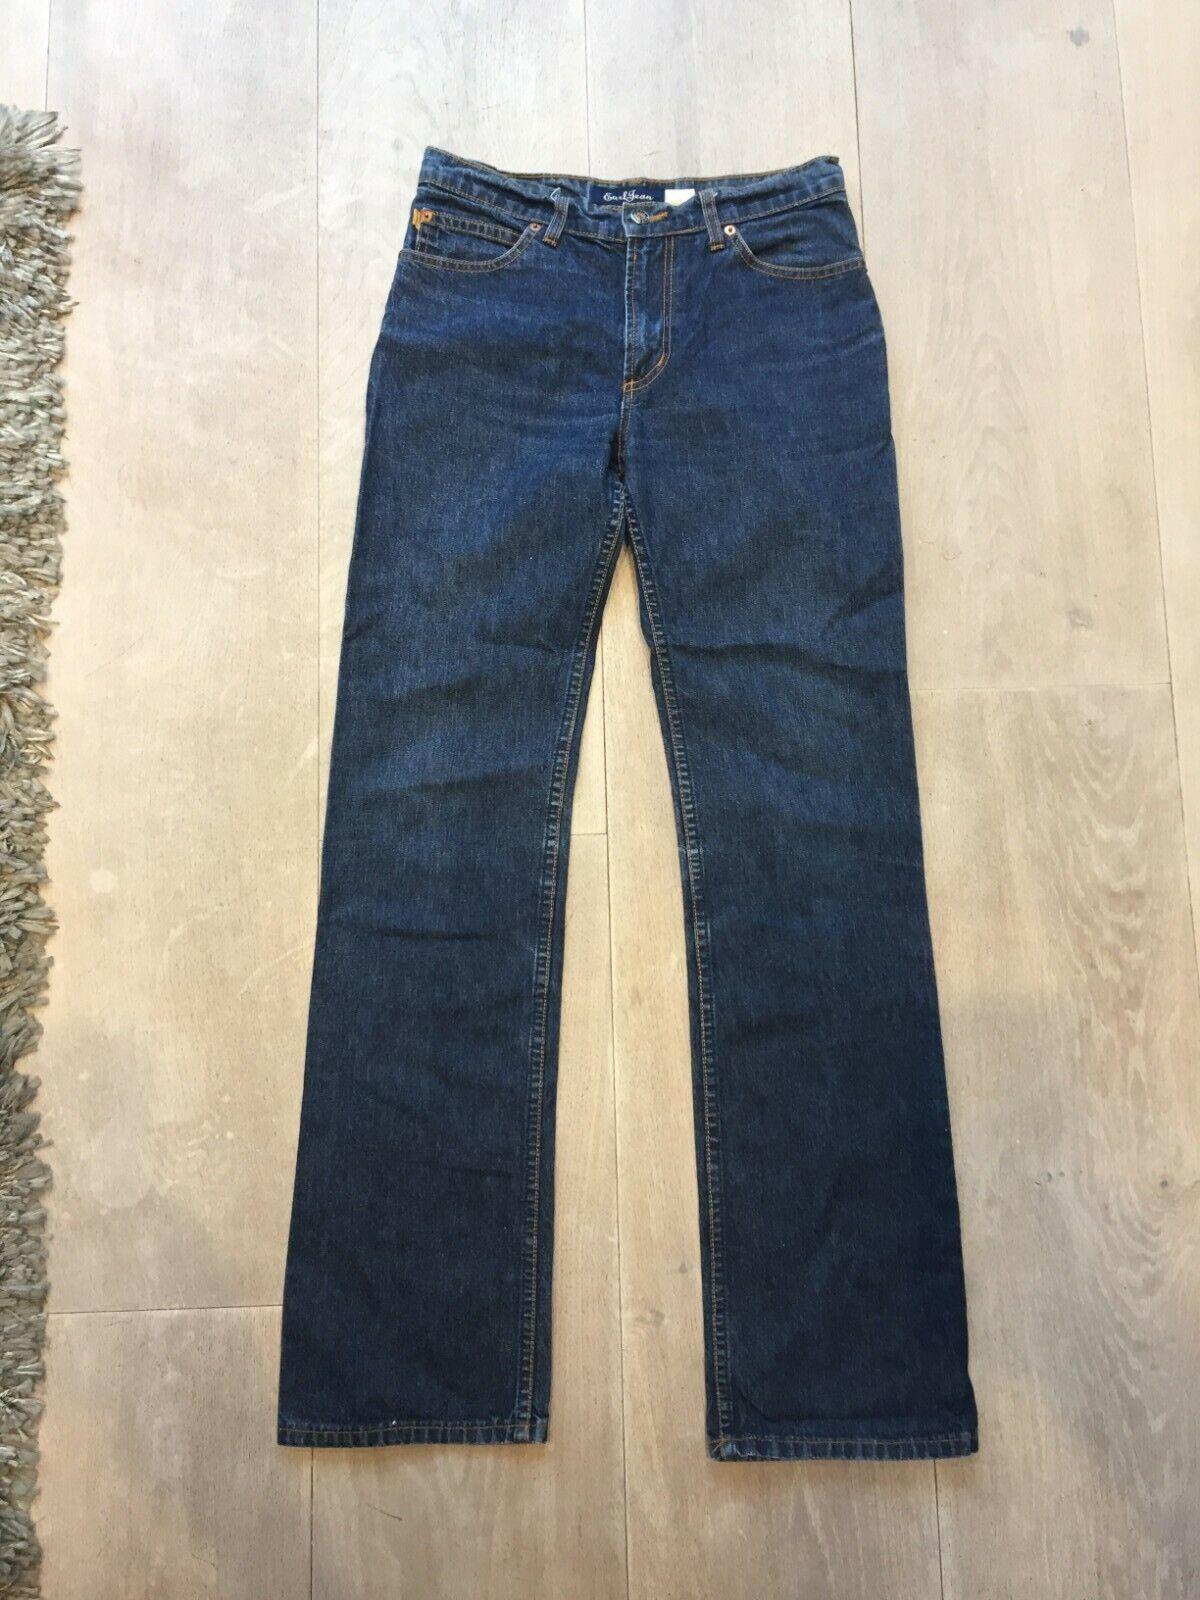 Earl Jean Dark bluee Straight Leg Jeans. Size W29 L32.